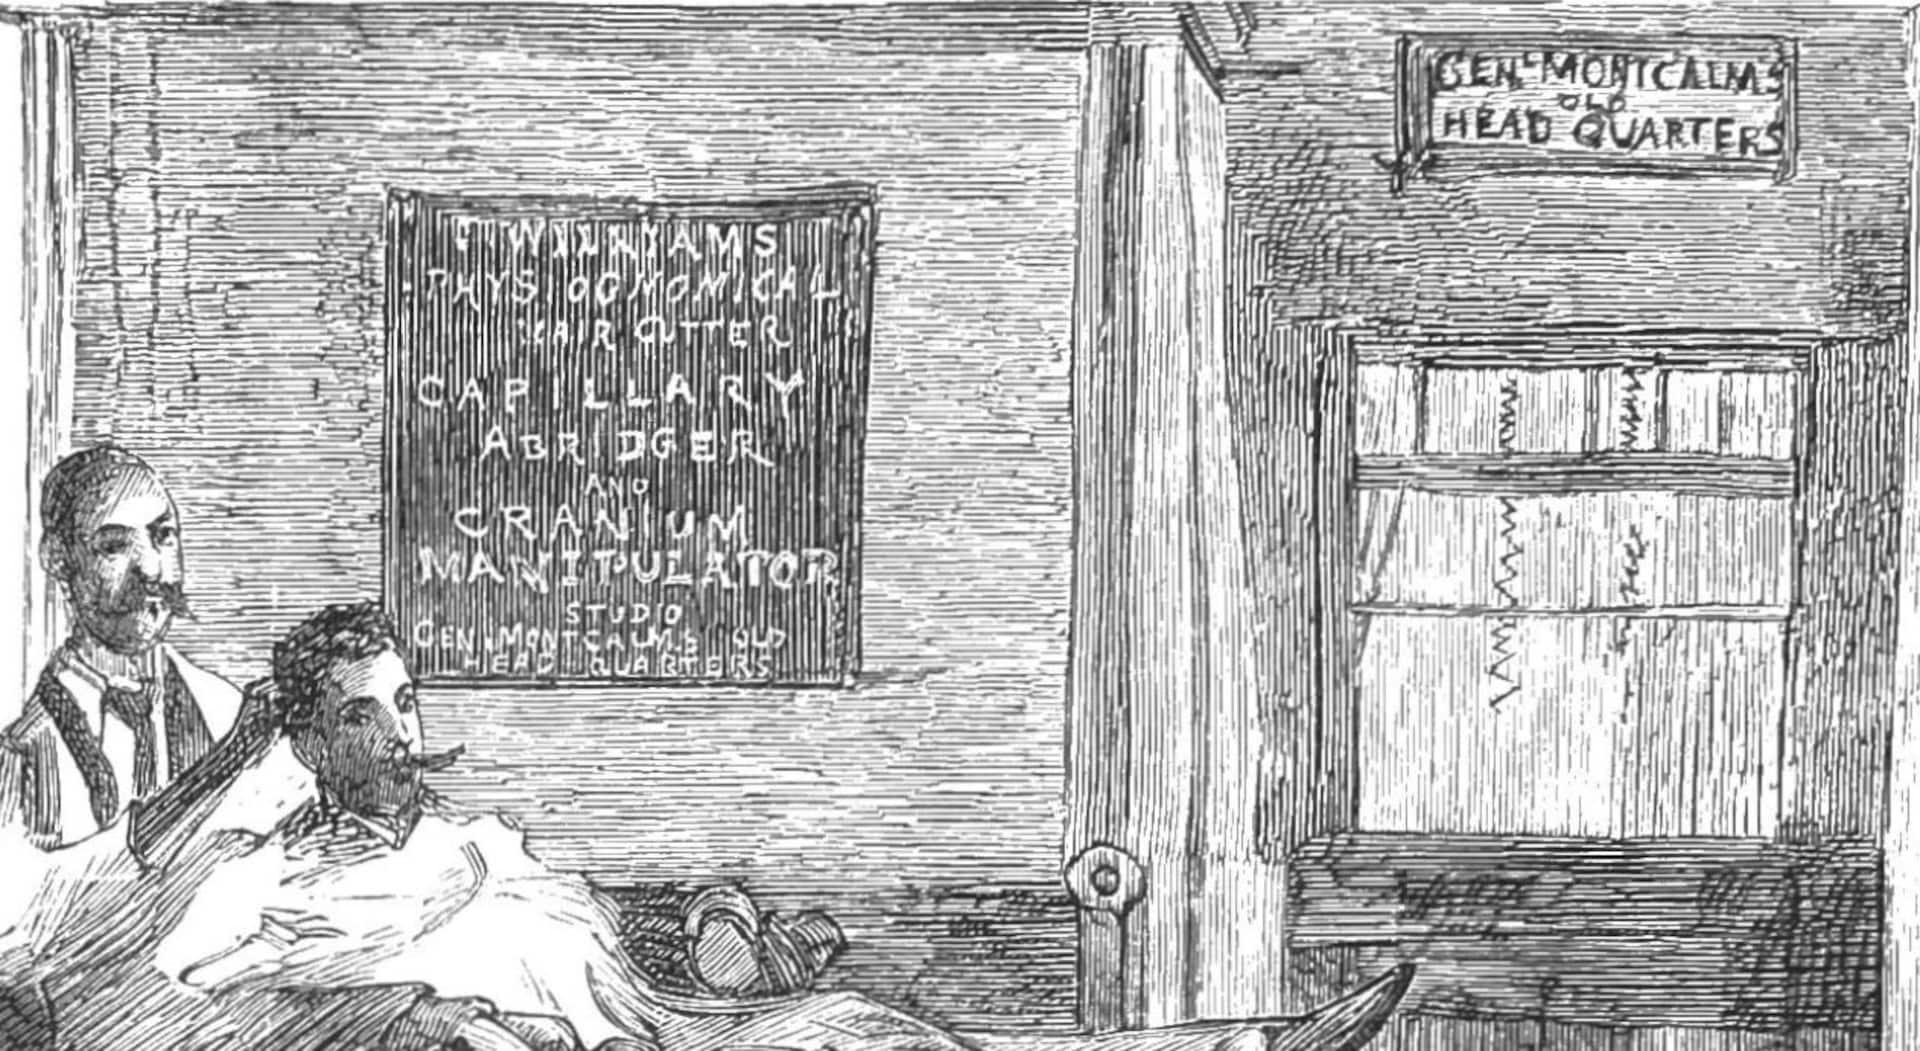 """Un panneau noir sur le mur énumère les services offerts en salon. Le nom de Williams, propriétaire des lieux, apparaît tout en haut. On voit aussi une référence au """"quartier général de Montcalm"""" au-dessus de la porte d'entrée du salon."""